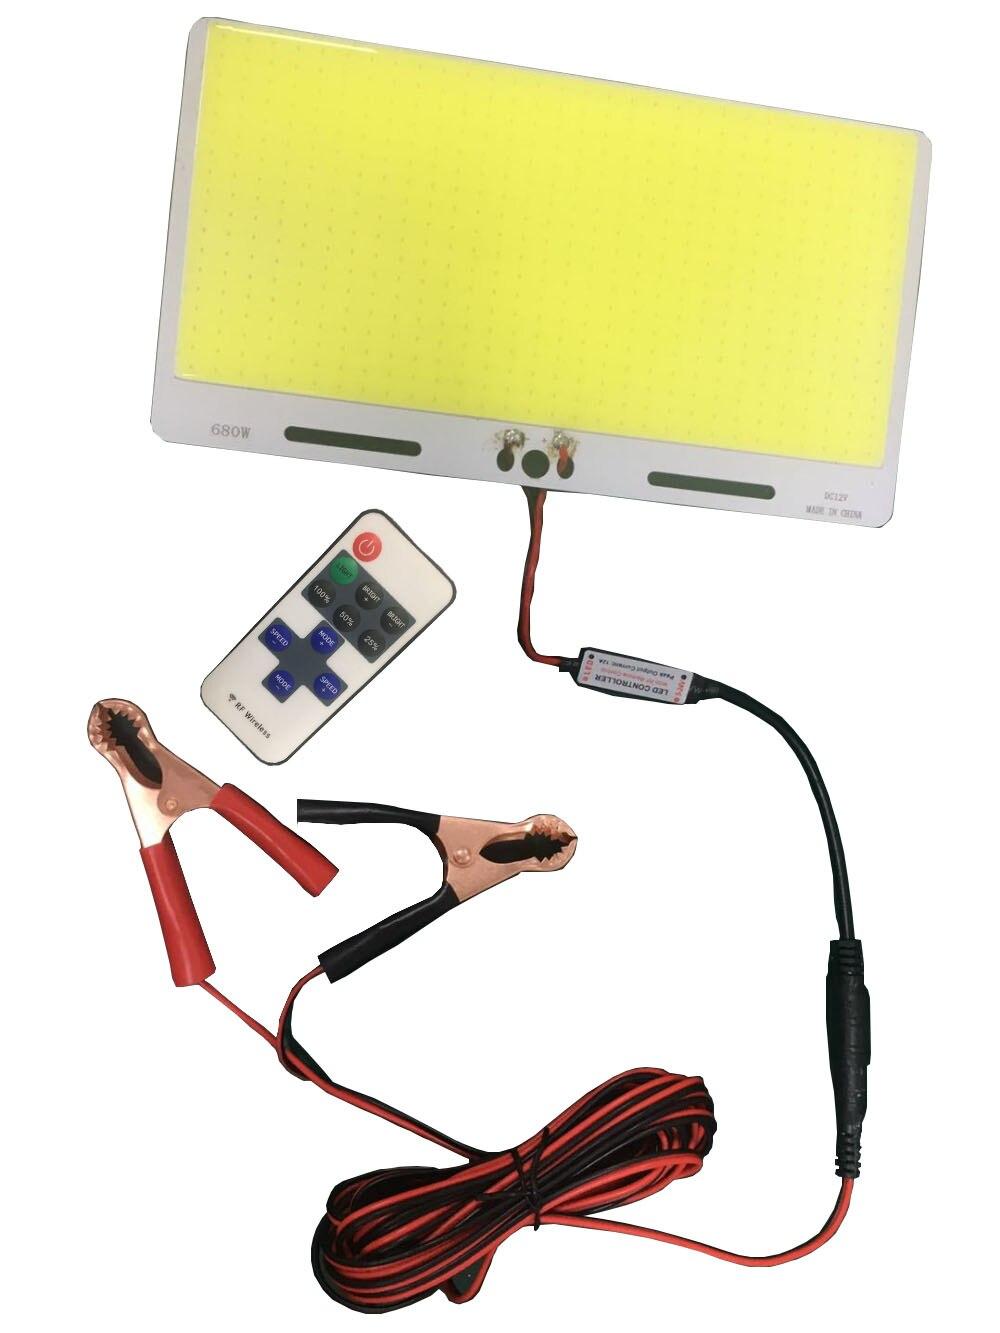 Новинка DC12V 100 Вт 480 светодиодных чипов большой размер cob светодиодные лампы с RF контроллером для DIY кемпинга лампа автомобильный светильник ...